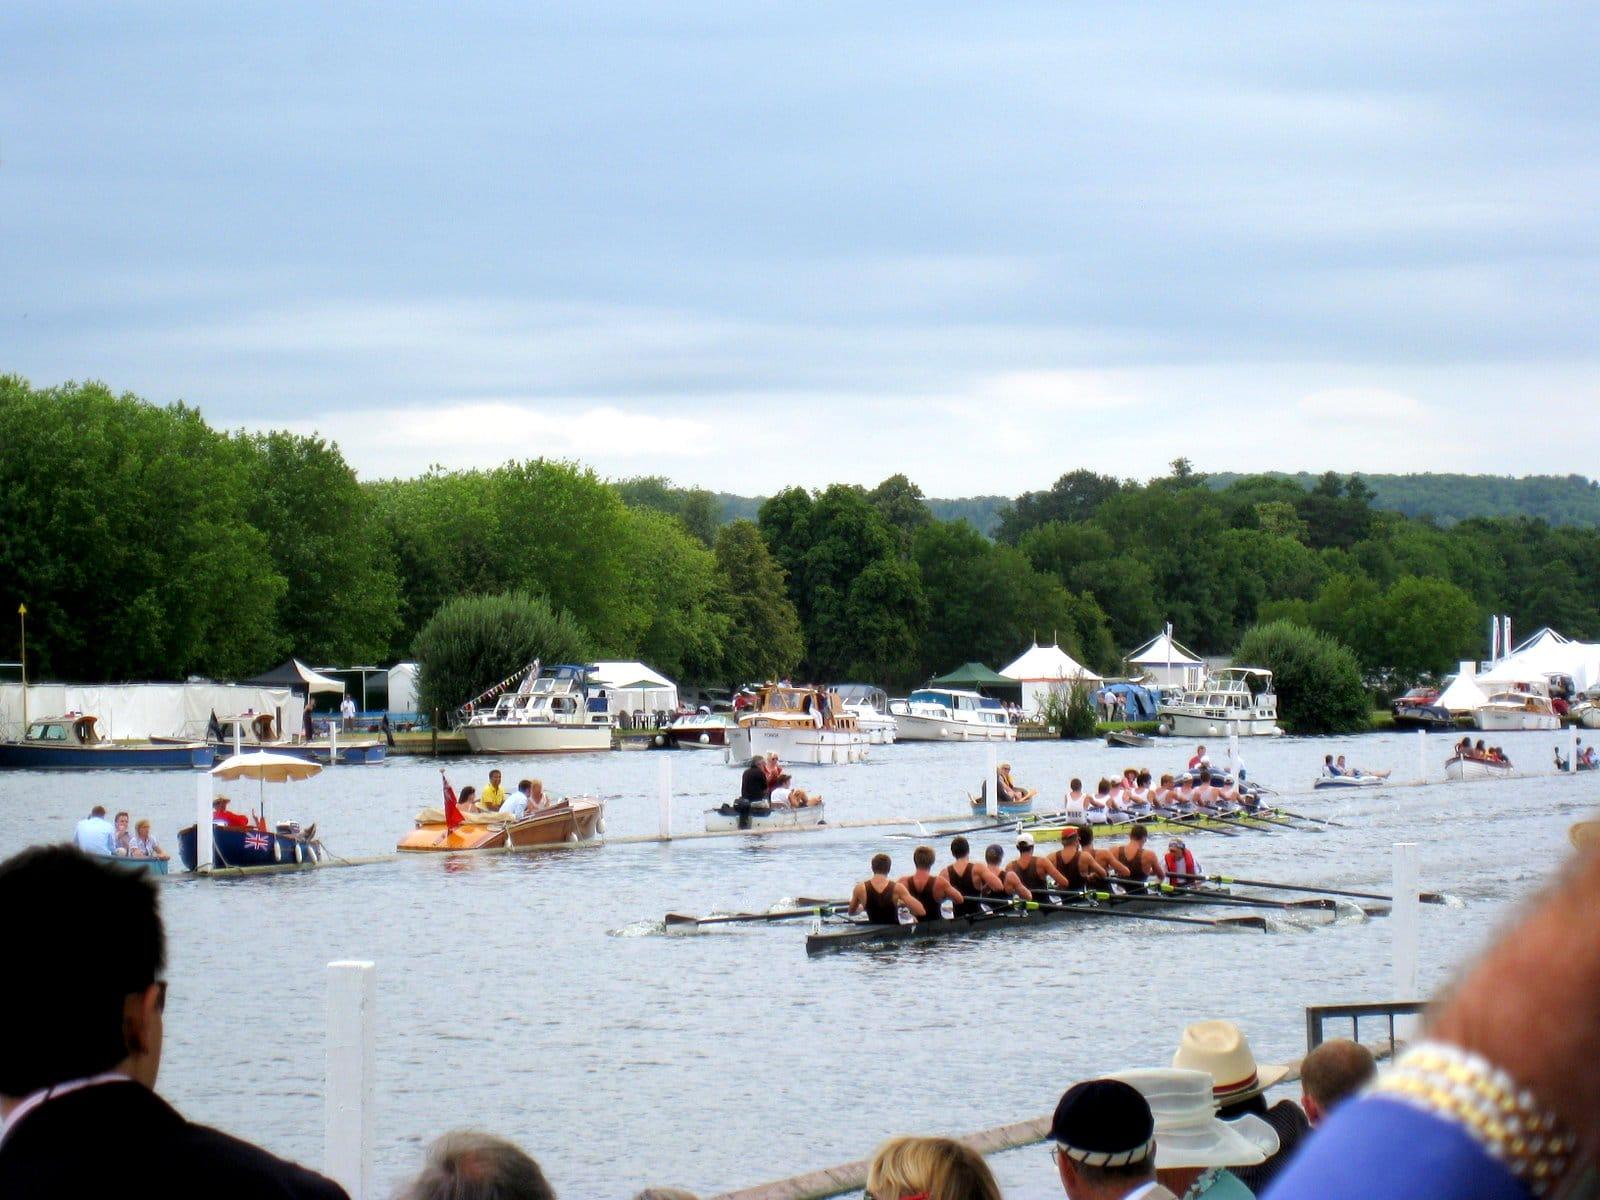 Regatta, cea mai mare competiţie de canotaj din Henley